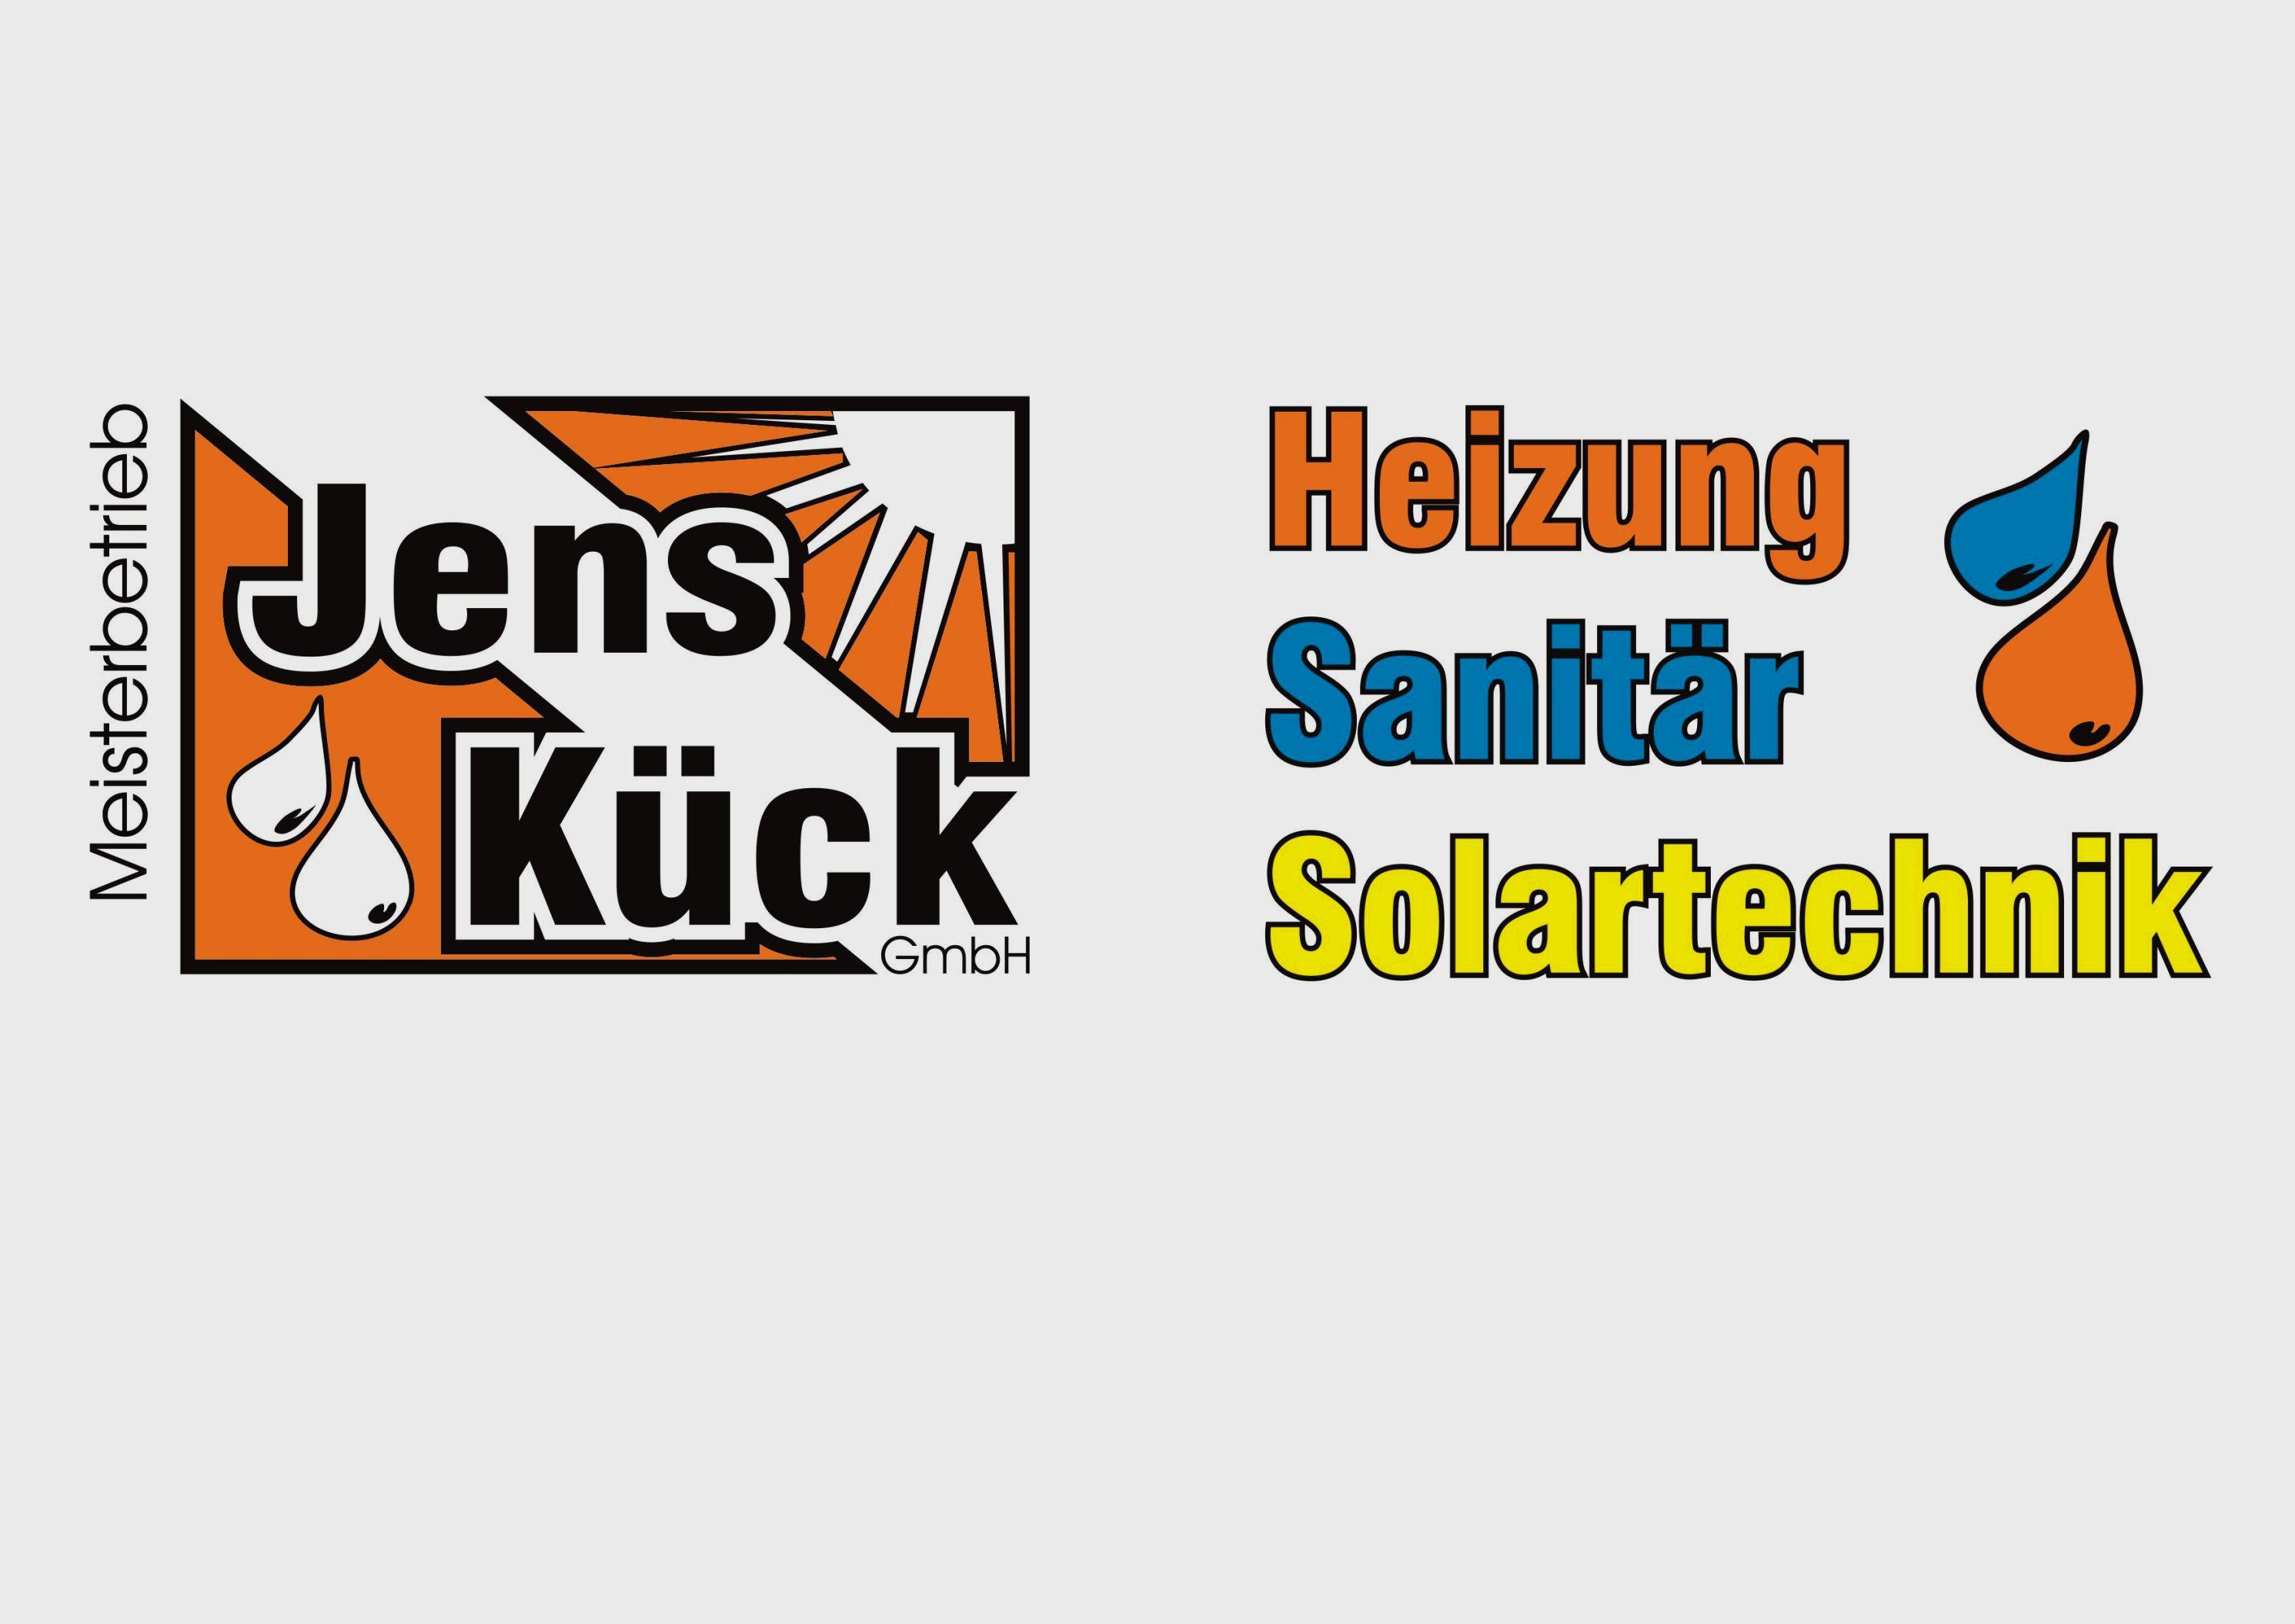 Jens Kück Heizung, Sanitär Solartechnik